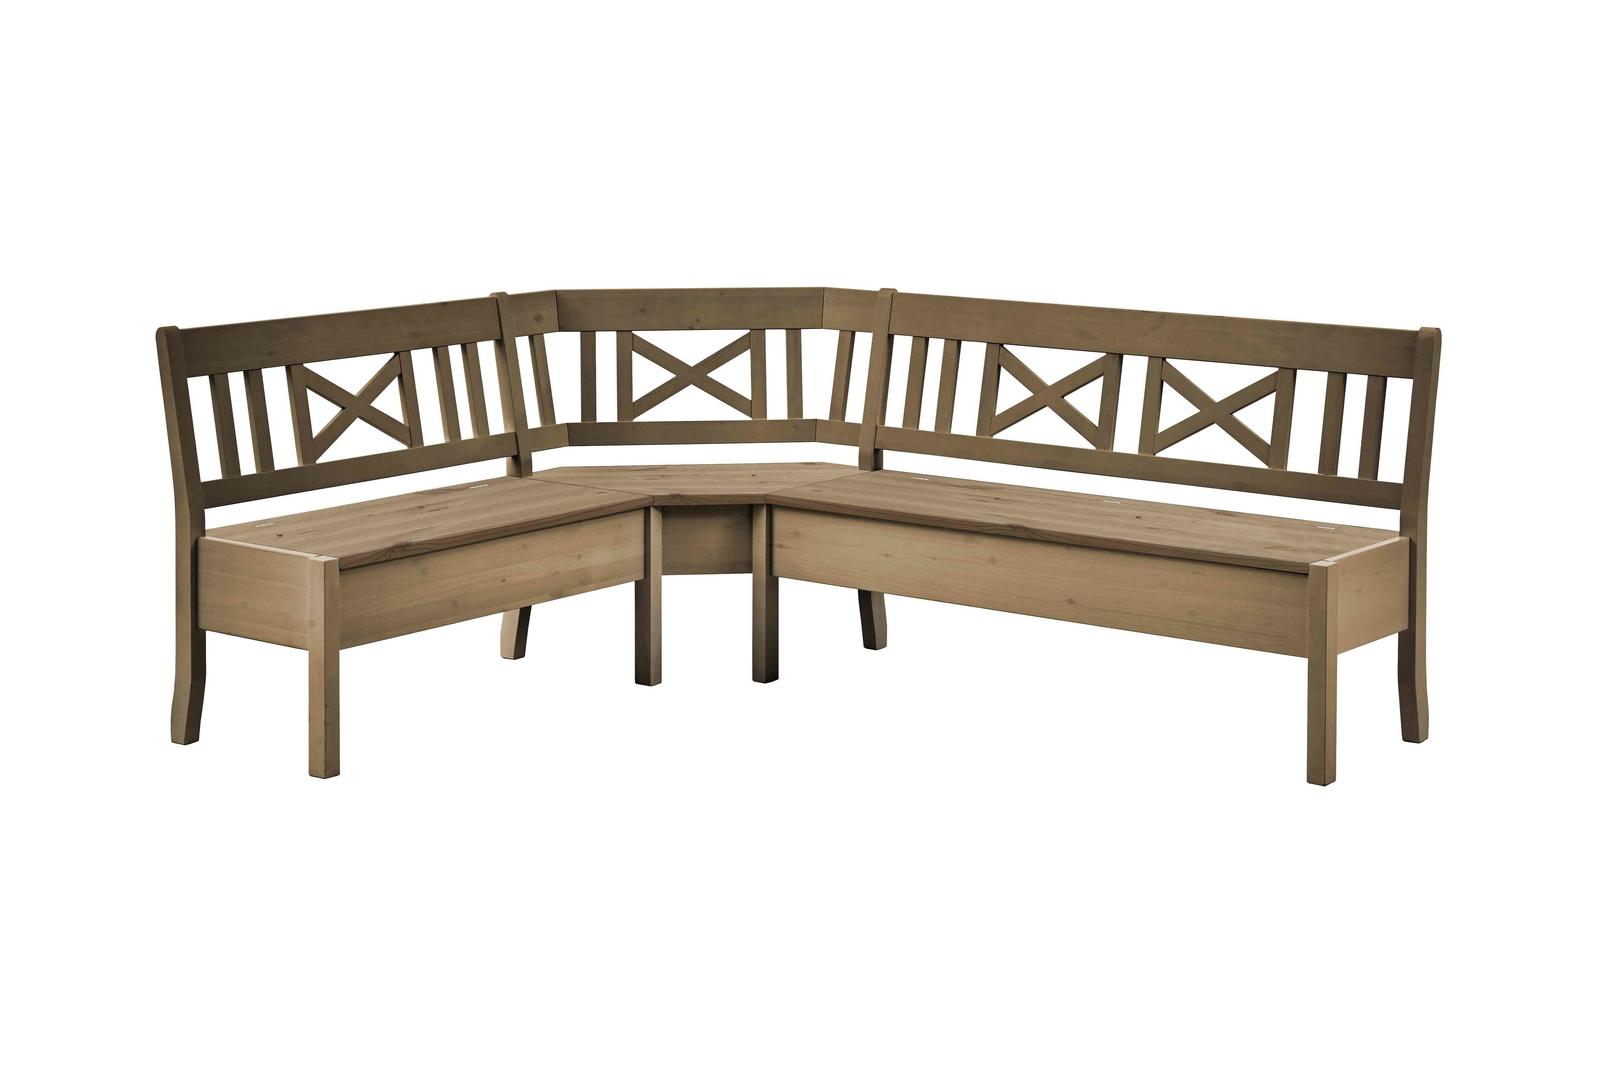 Full Size of Sitzecke Küche Höffner Sitzecke Küche Mit Stauraum Kleine Sitzecke Küche Gemütliche Sitzecke Küche Küche Sitzecke Küche